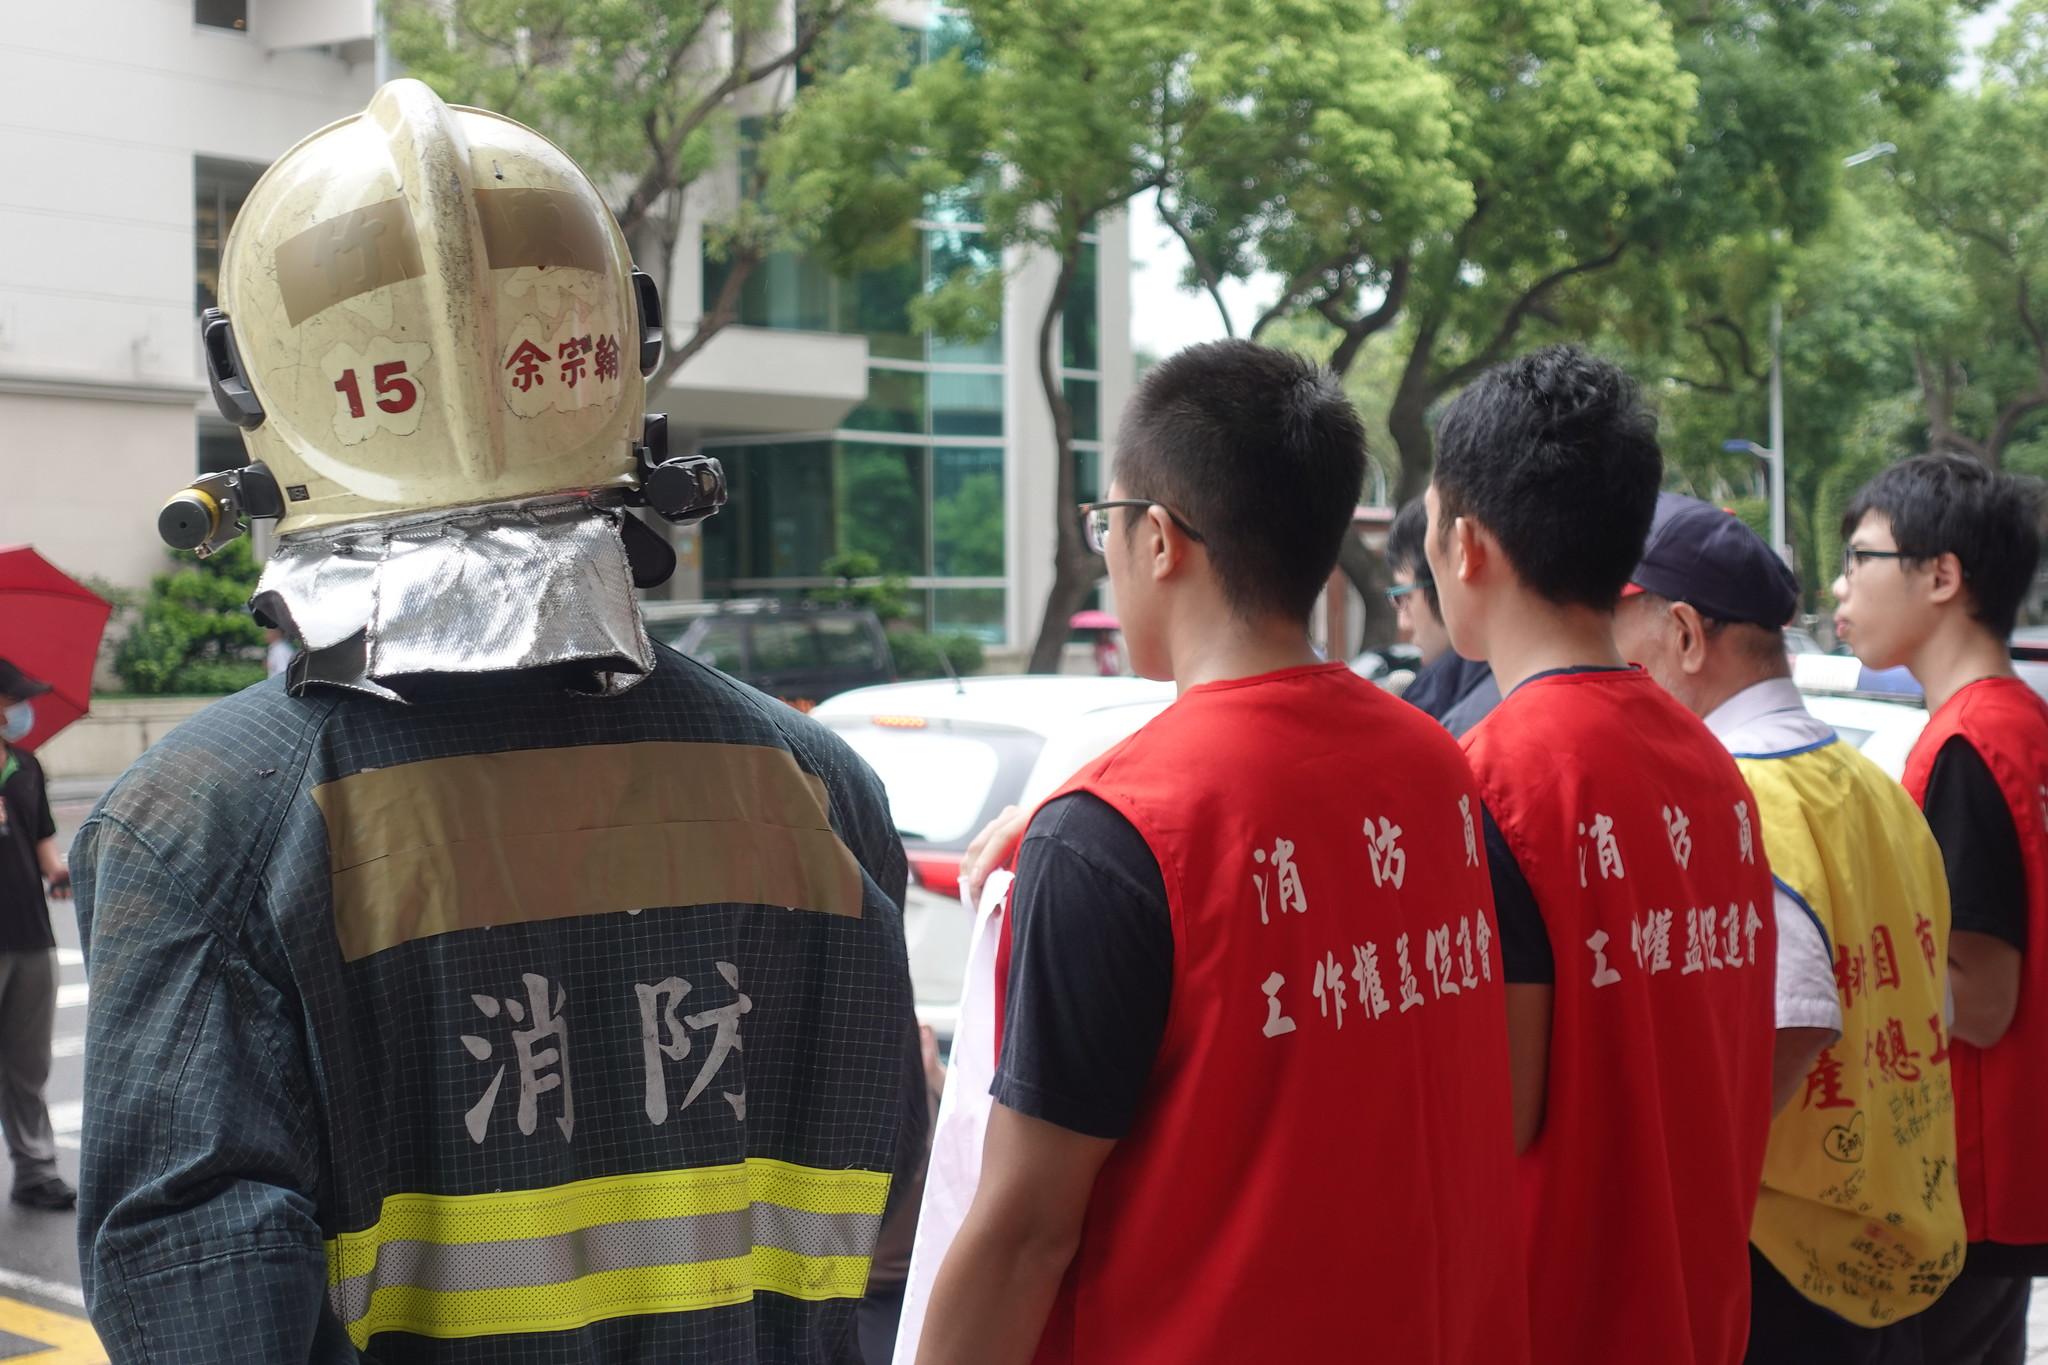 消防員工作權益促進會主要由現職消防員組成。(攝影:張智琦)